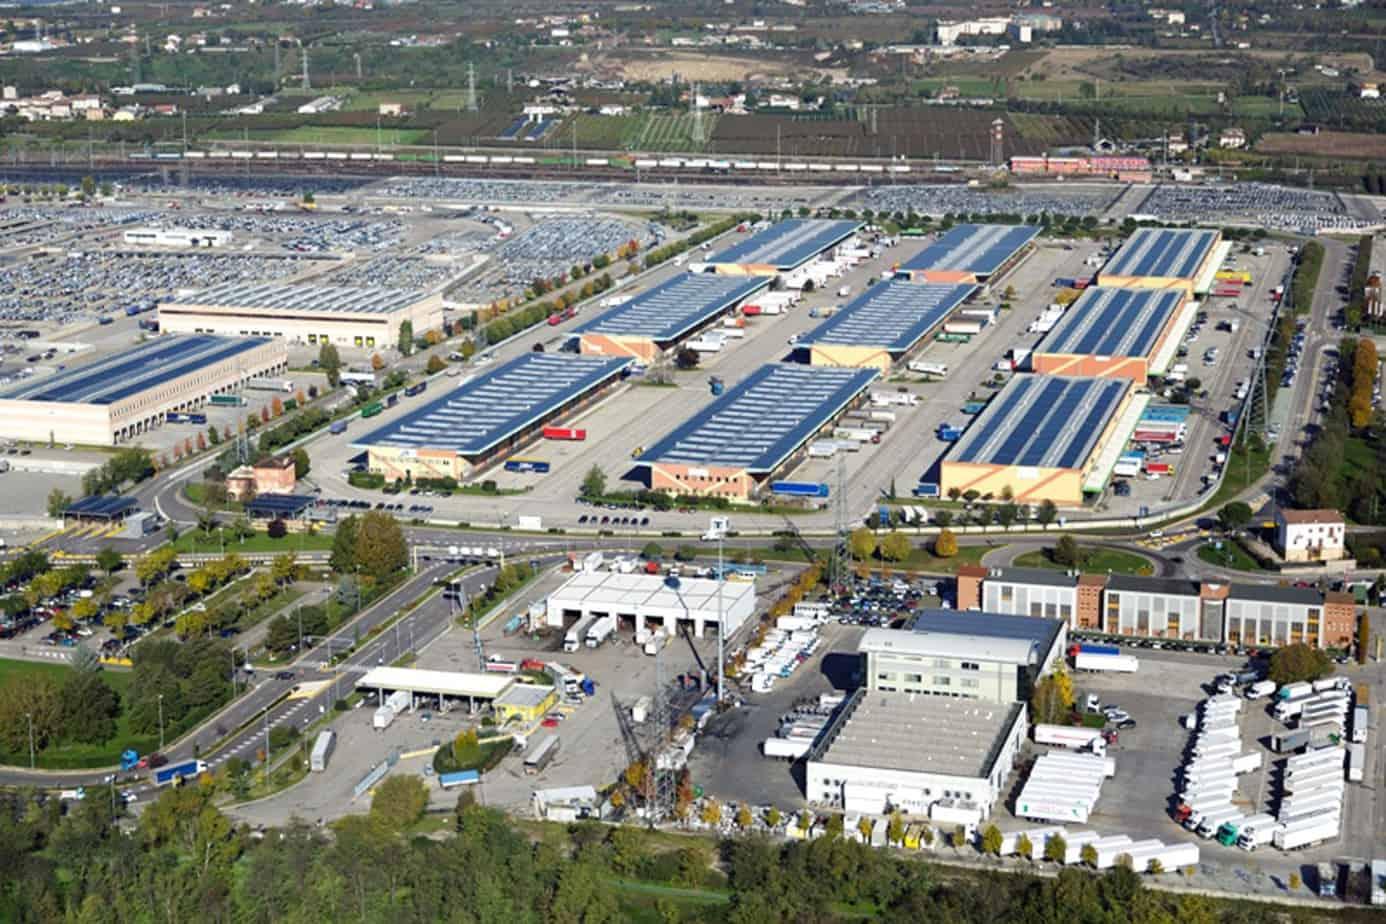 Il Centro Spedizionieri dispone di 80.000 m2 di magazzini raccordati per groupage in import-export, raccolta e smistamento merci, distribuzione, magazzinaggio, assistenza doganale